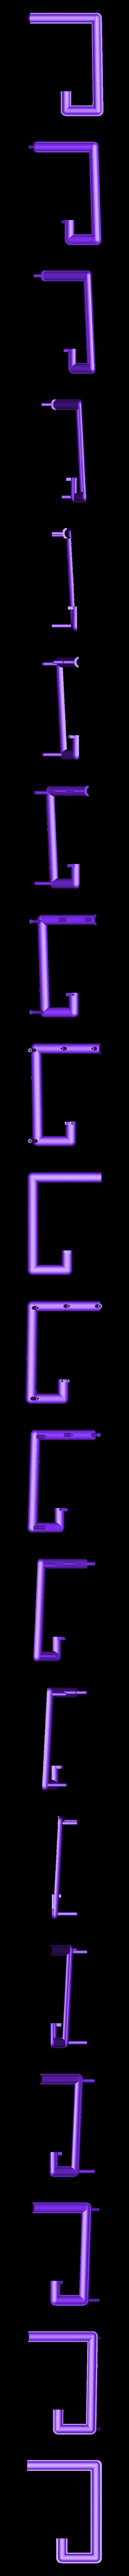 mousetrap-red-gutter-long.stl Télécharger fichier STL gratuit TortureTrap : une extension du piège à souris • Objet pour impression 3D, mrhers2